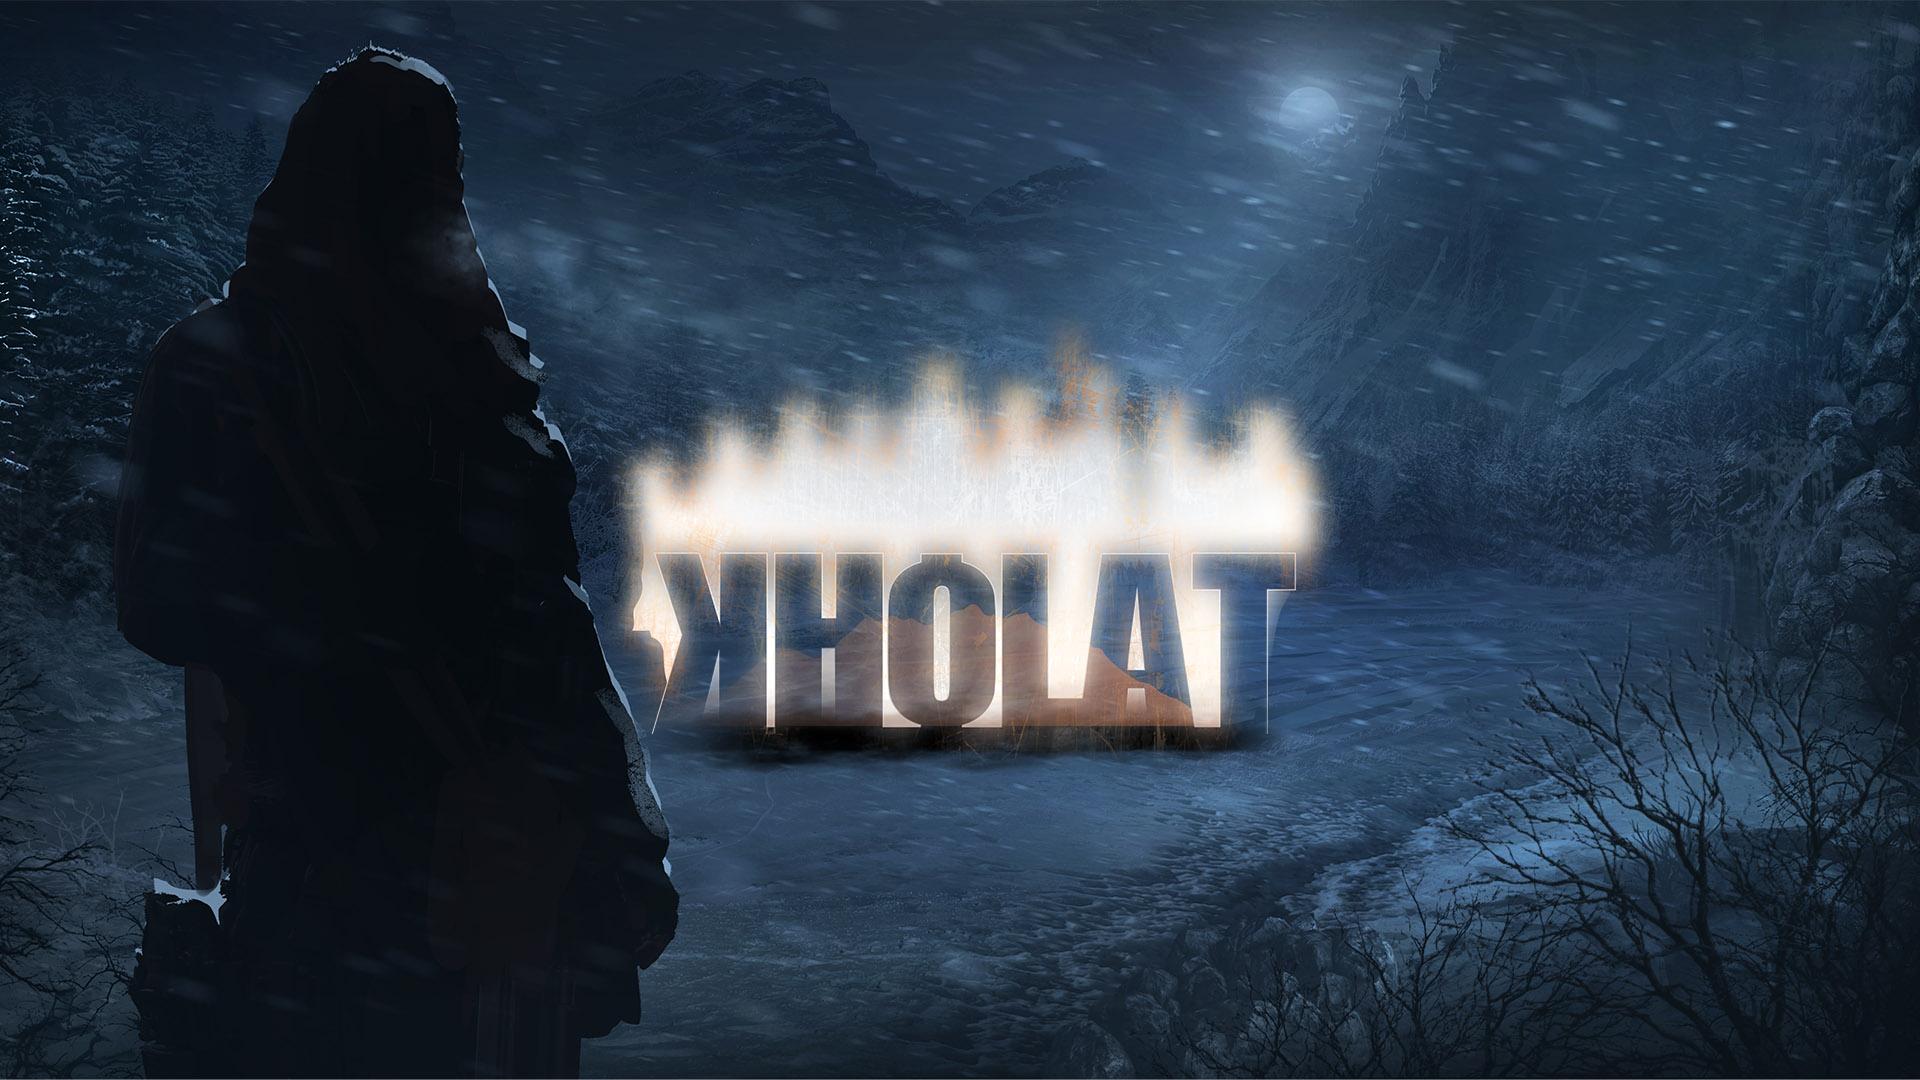 Kholat Unreal Engine 4 Horror Tilte Gets First Update